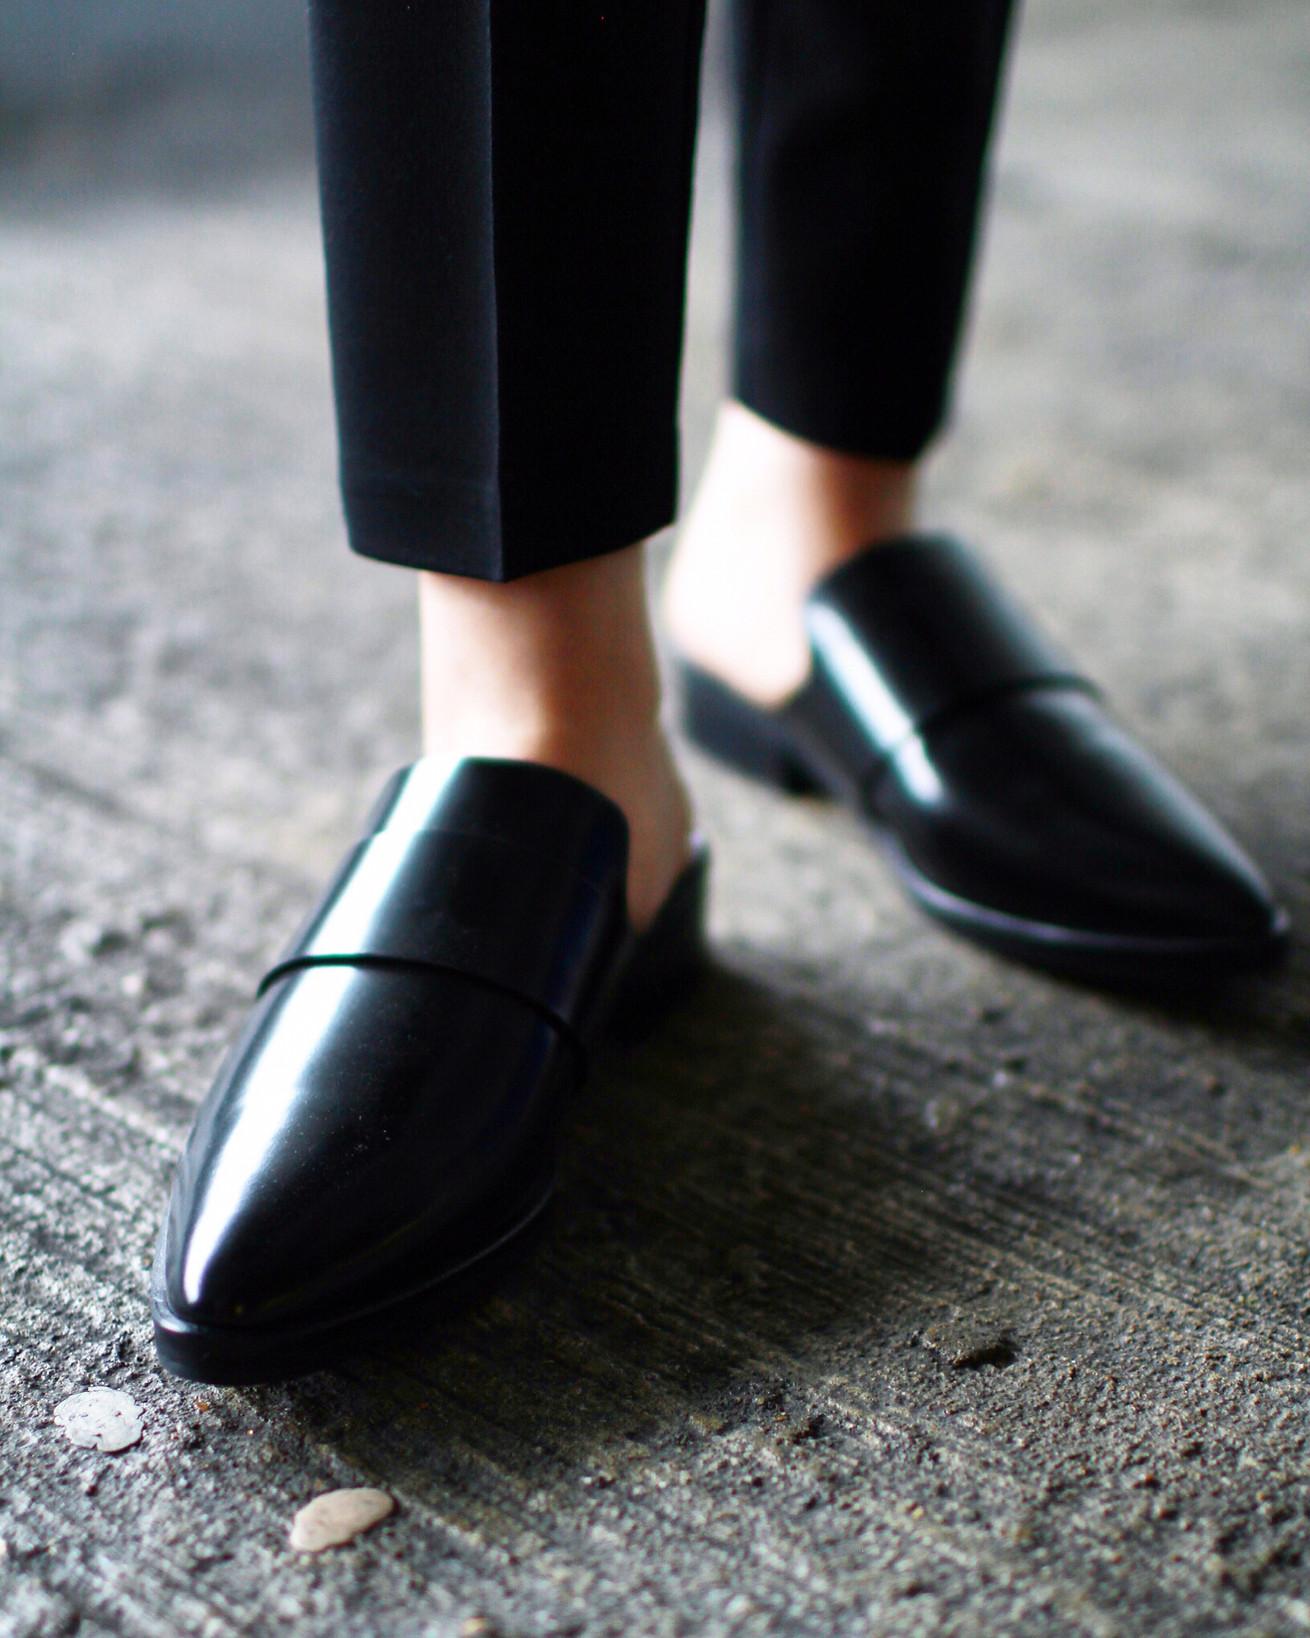 cc5616fce56d Top - Just Female. Trousers - Topshop. Shoes - Mango. Bag - Givenchy Mini  Antigona. Bracelet - Celine